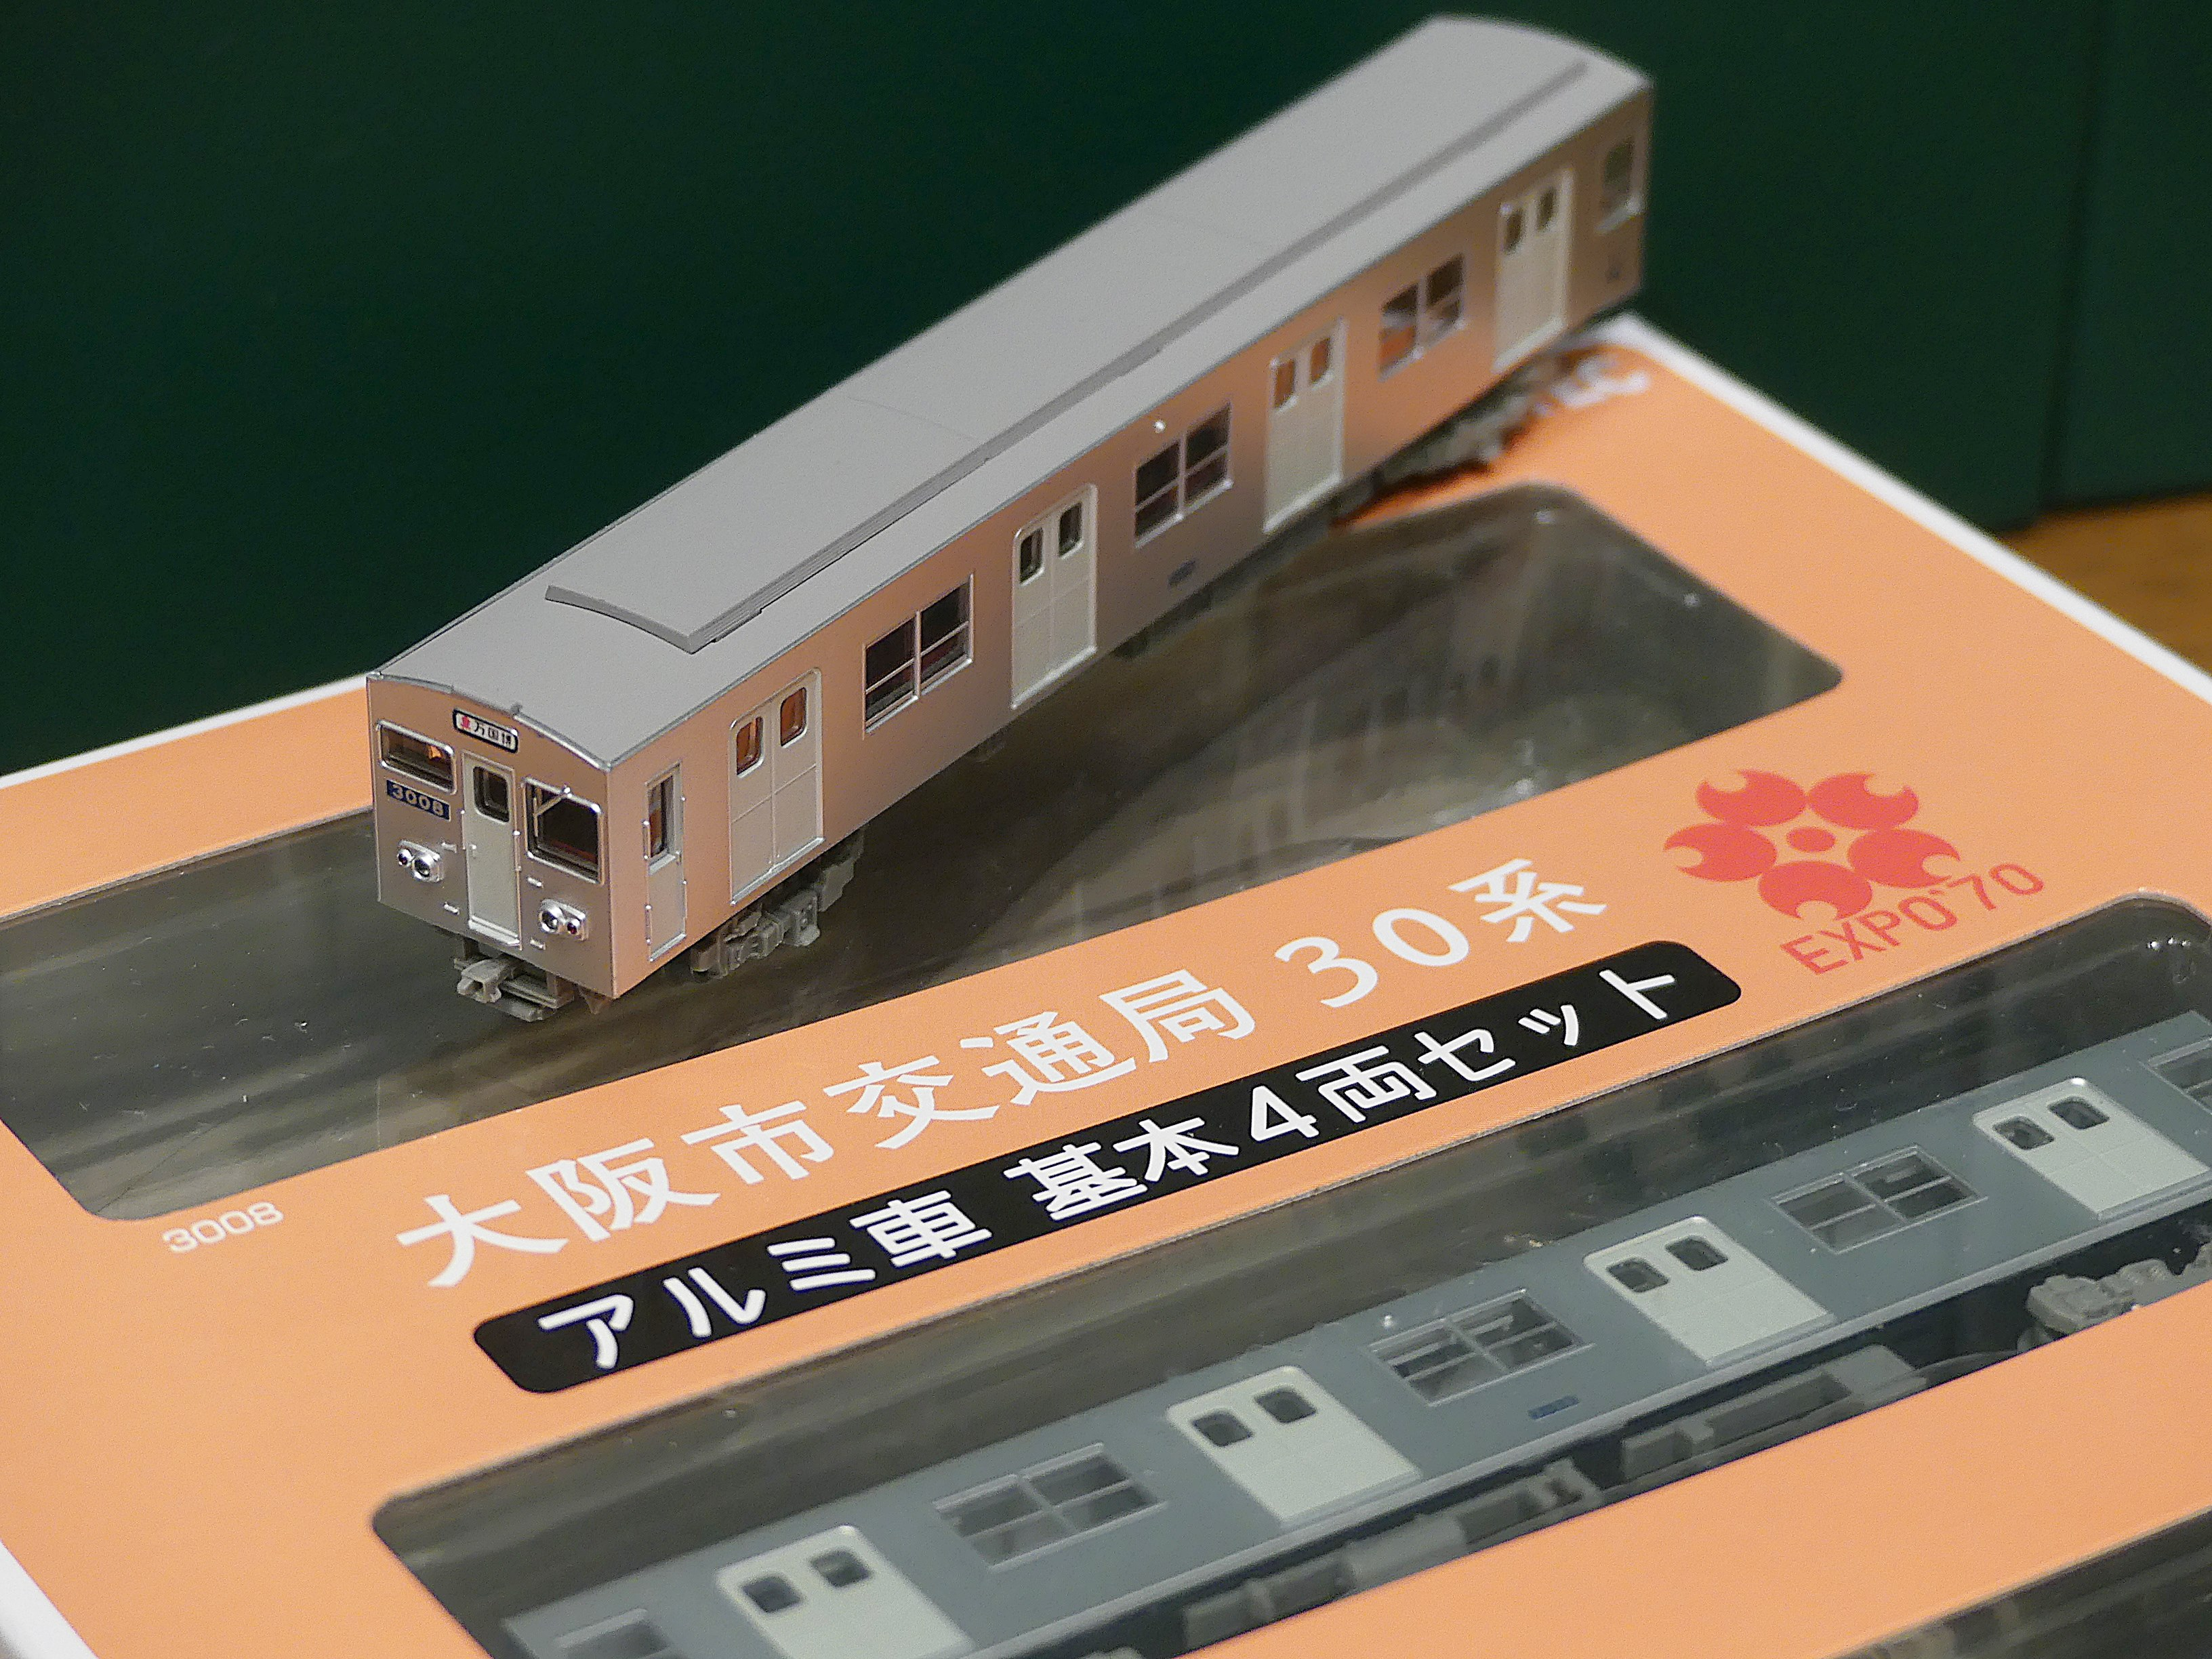 https://stat.ameba.jp/user_images/20200525/22/tkk8500-8637fsakuya/cd/62/j/o3264244814764252057.jpg